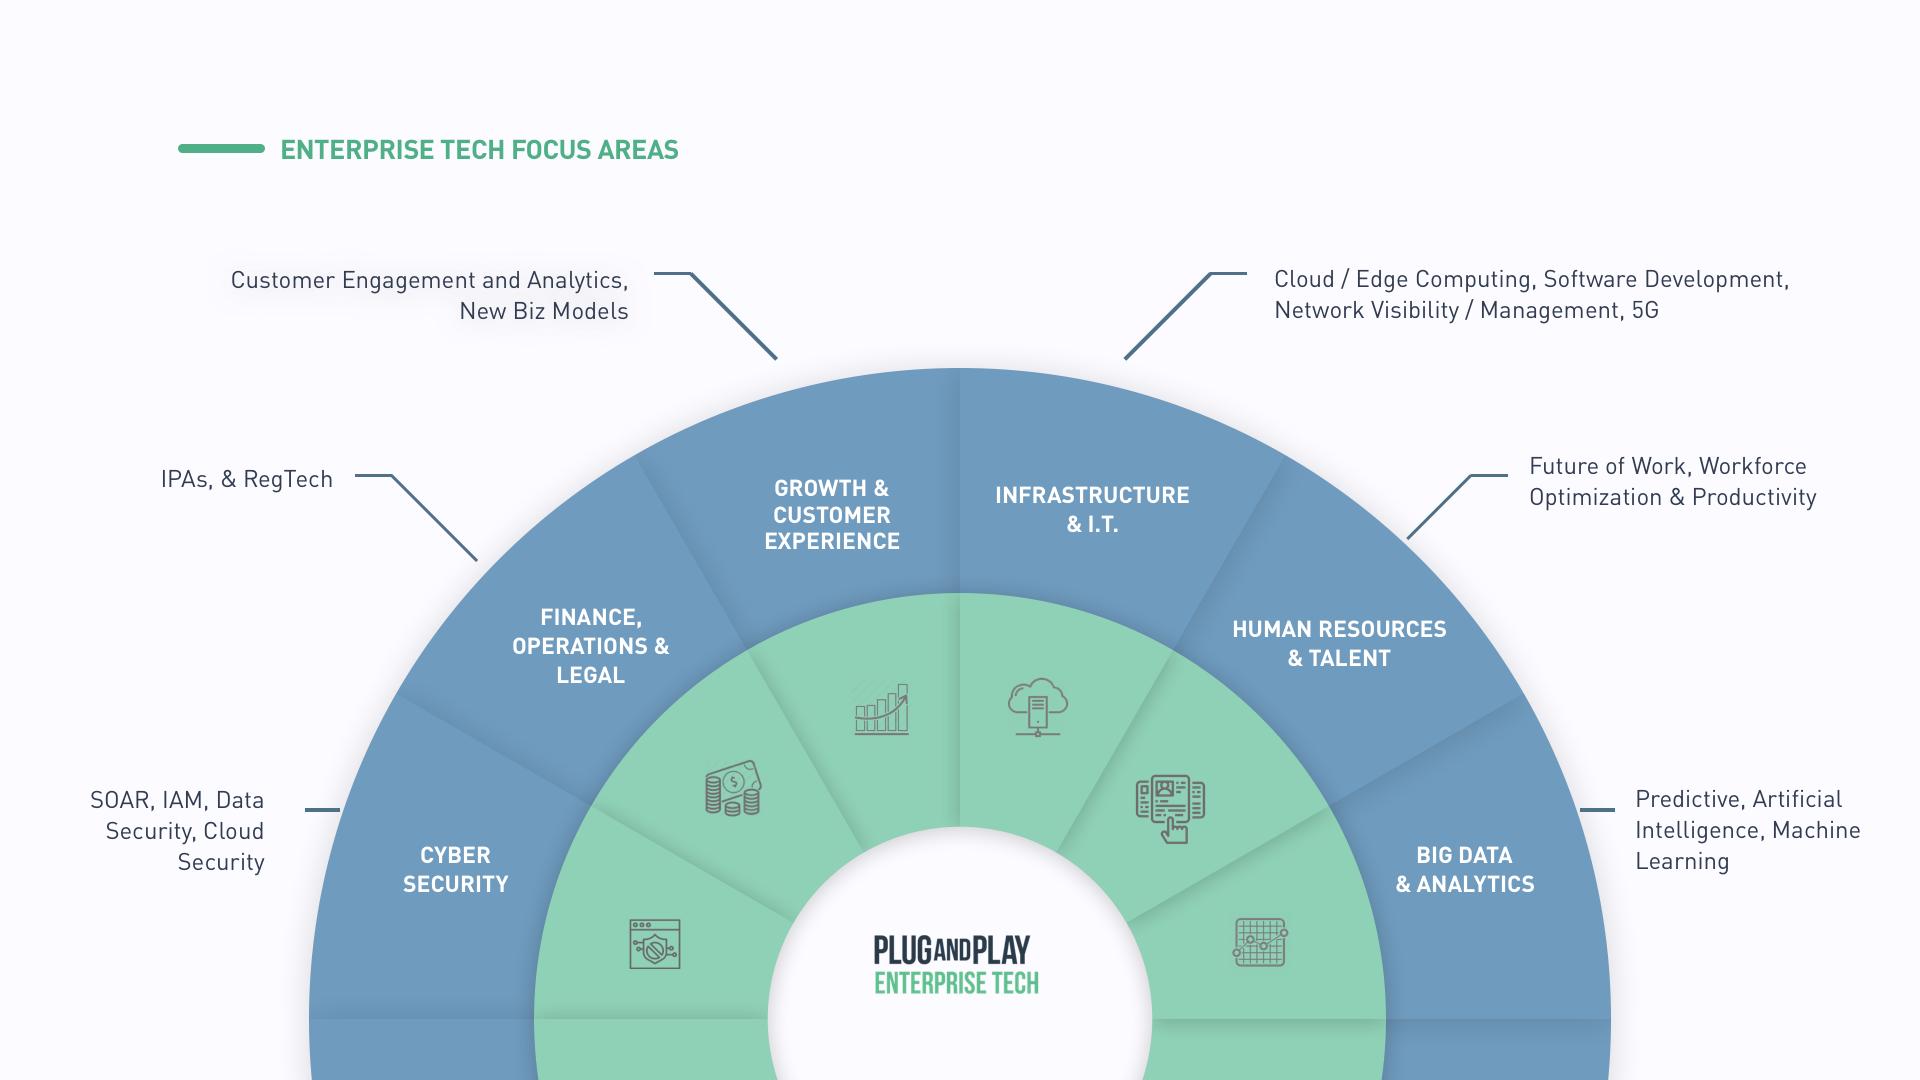 Enterprise Tech Focus Areas